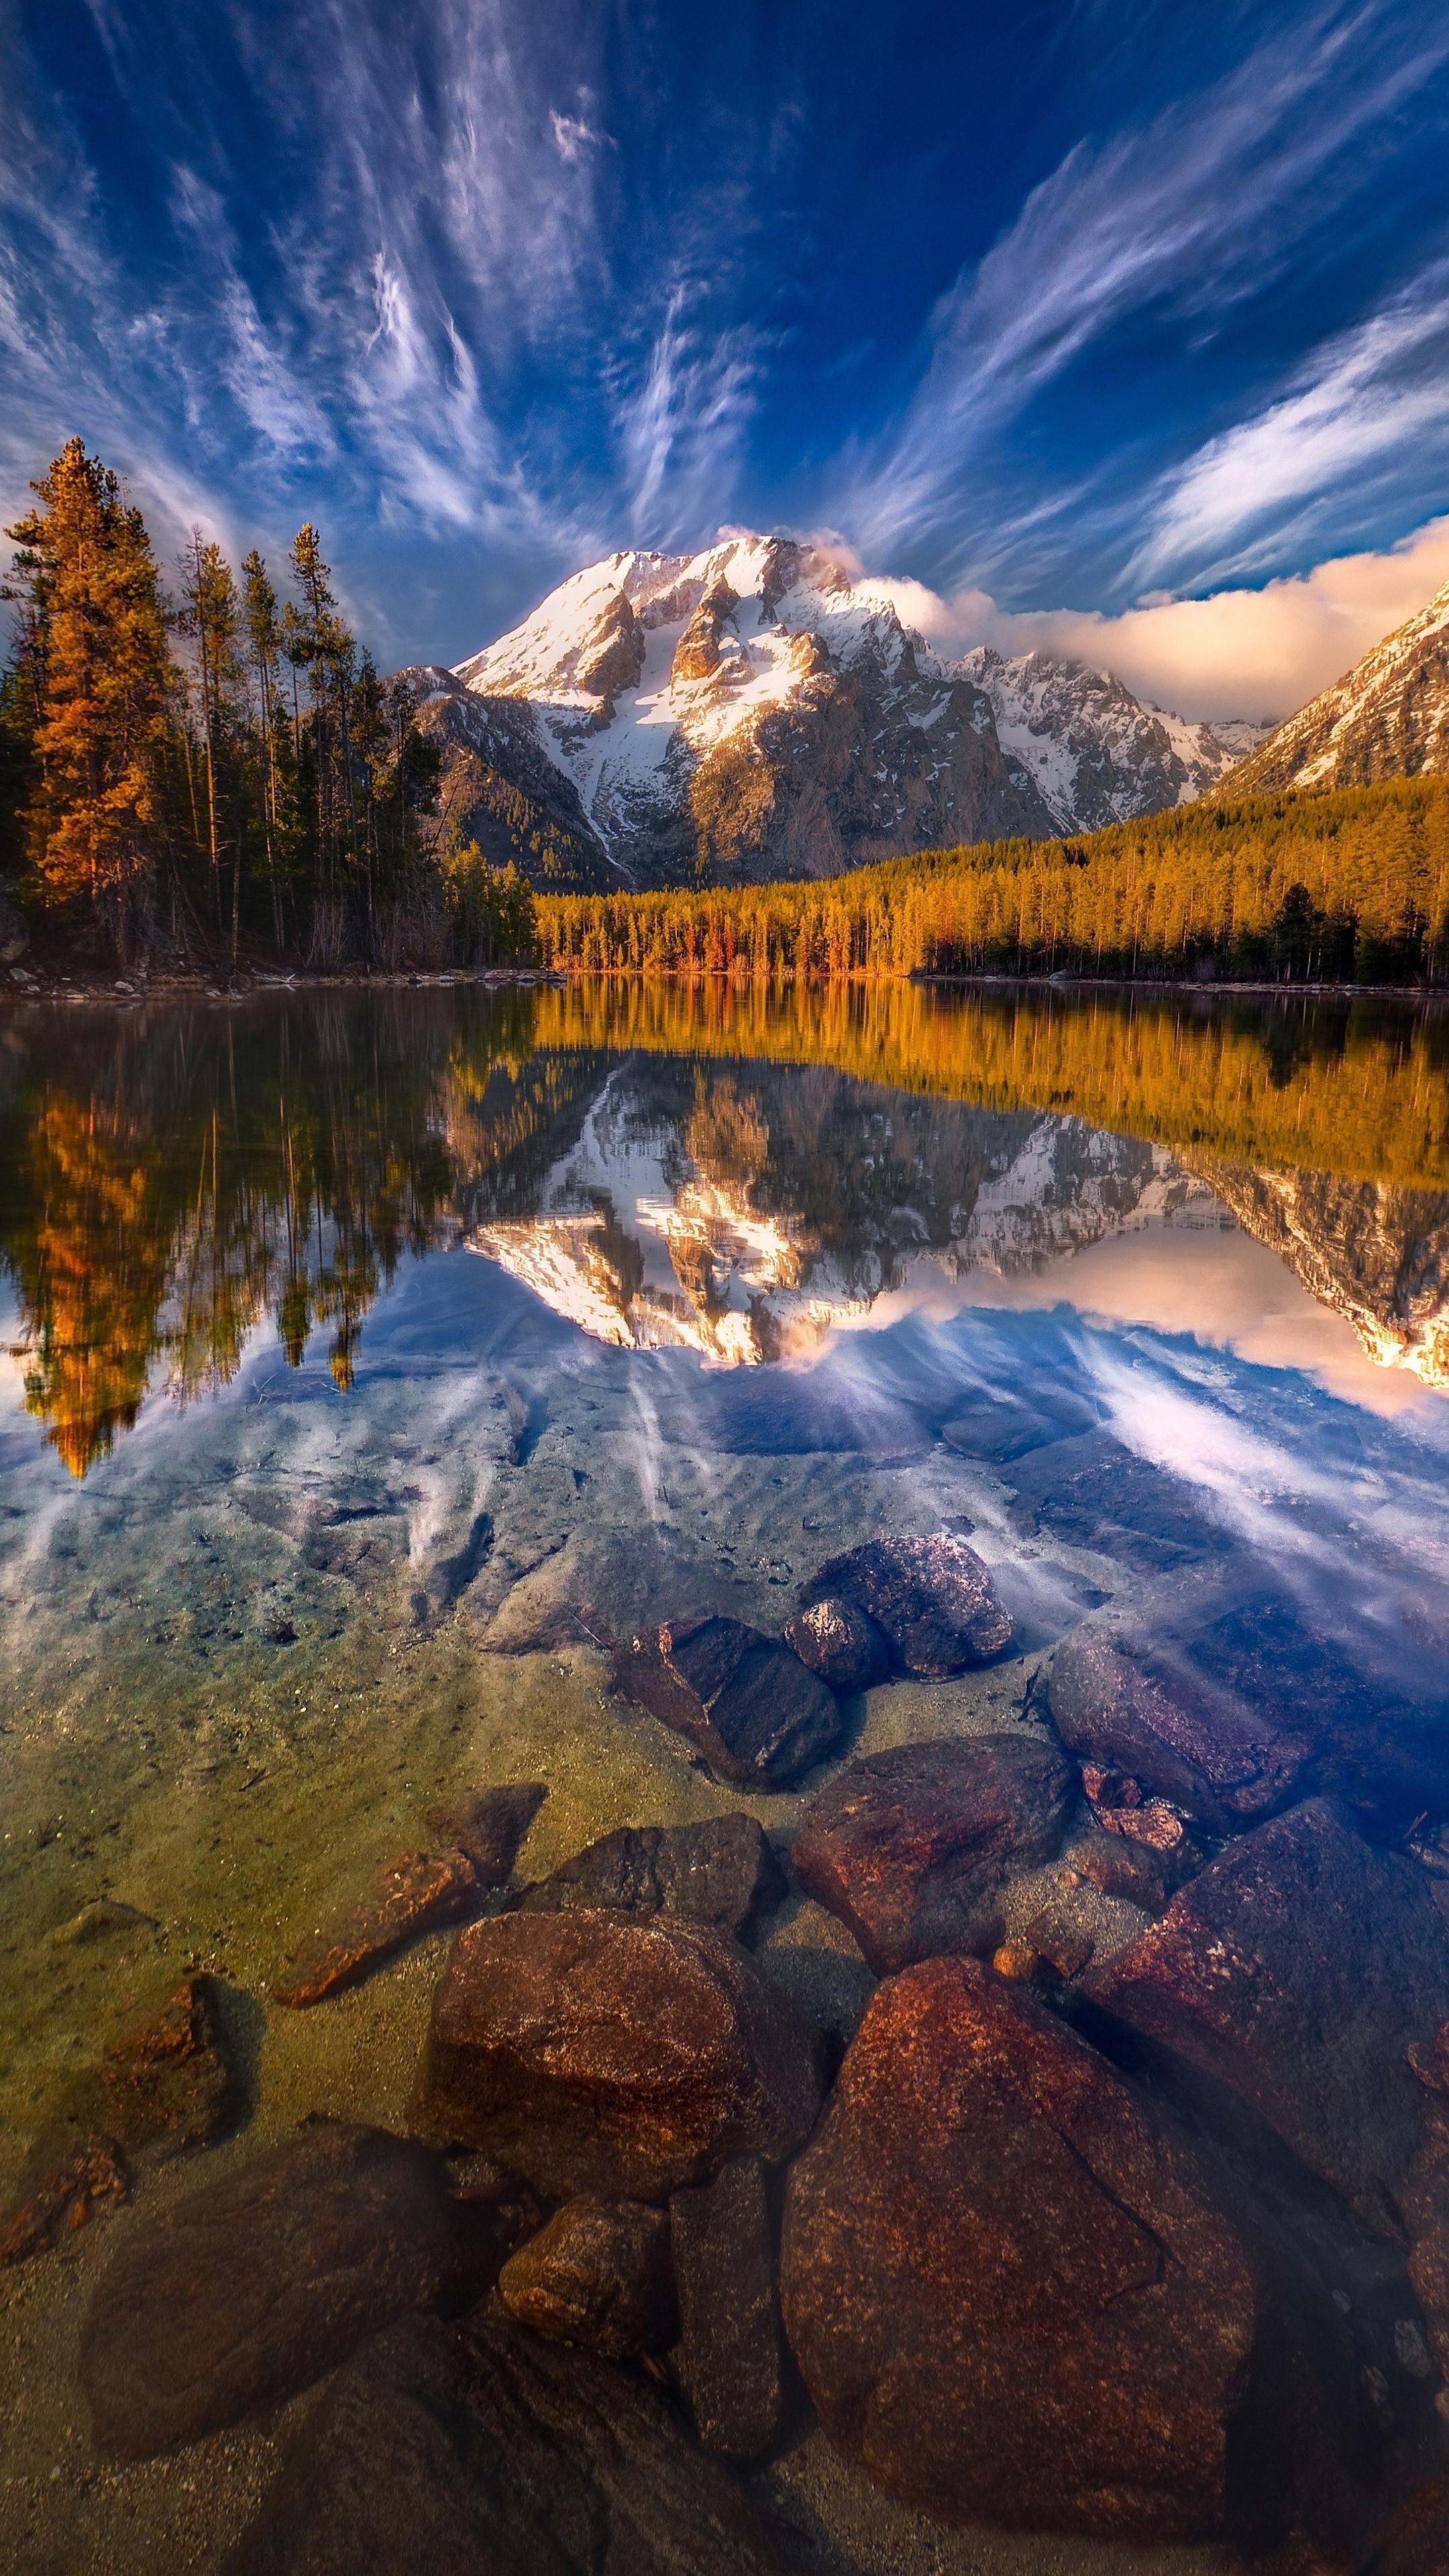 Ảnh đẹp 4k dùng cho điện thoại - Thiên nhiên xinh đẹp